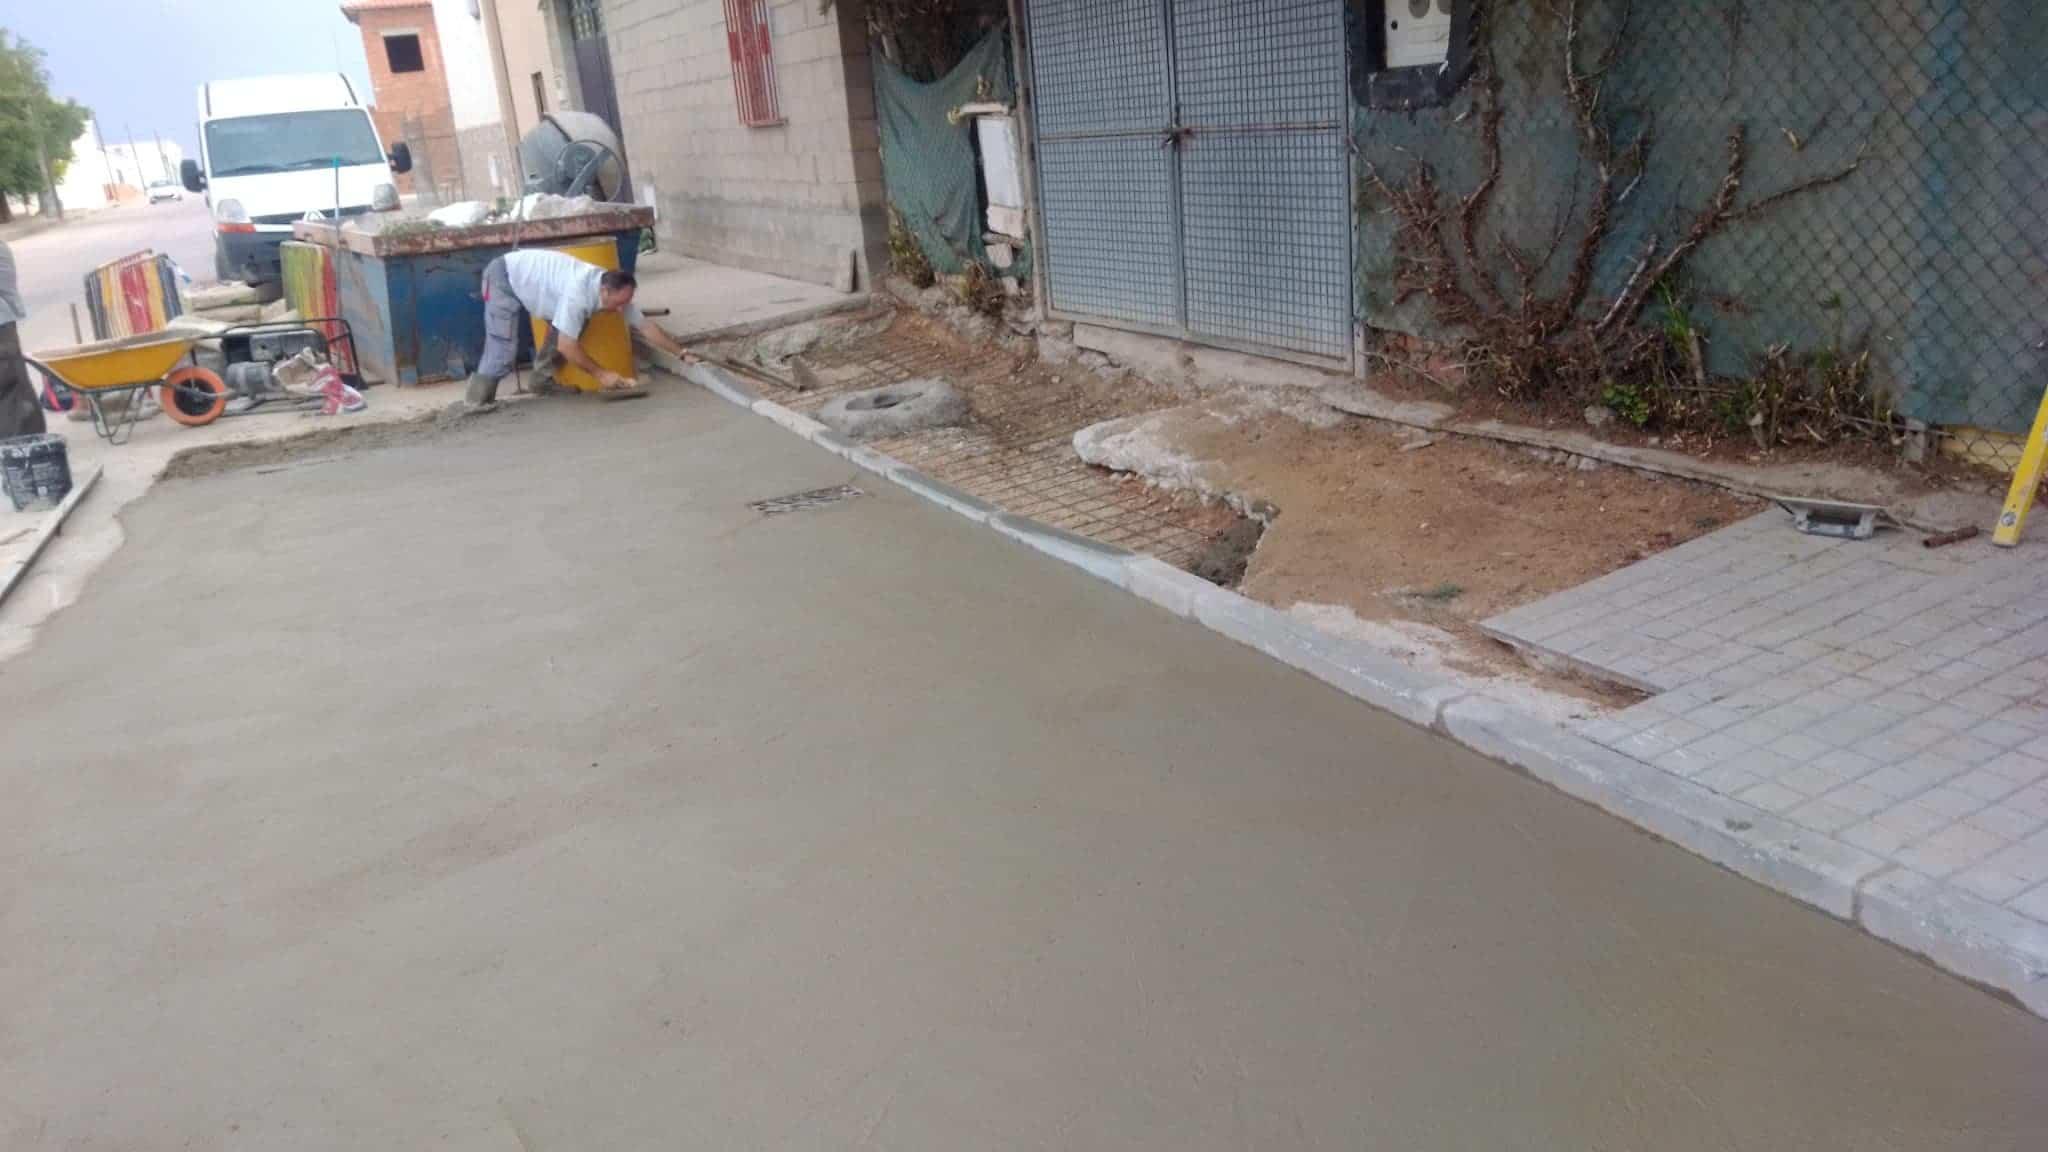 arreglo obras hundimiento herencia calles 1 - Arreglado el hundimiento de vía en el Barrio de San José